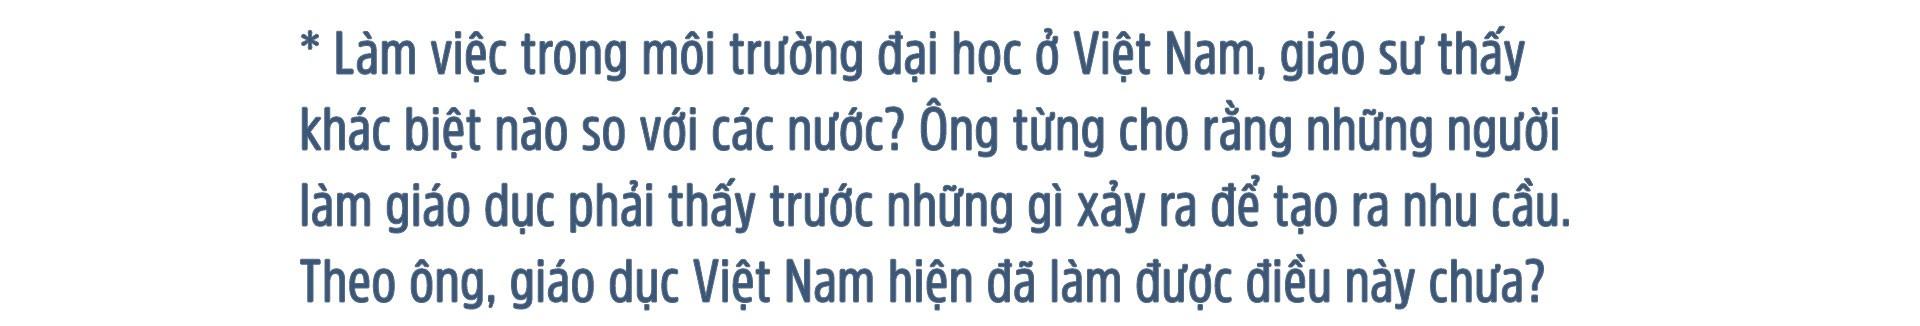 GS Võ Văn Tới: Về nước vì sinh viên Việt Nam thất bại - Ảnh 10.